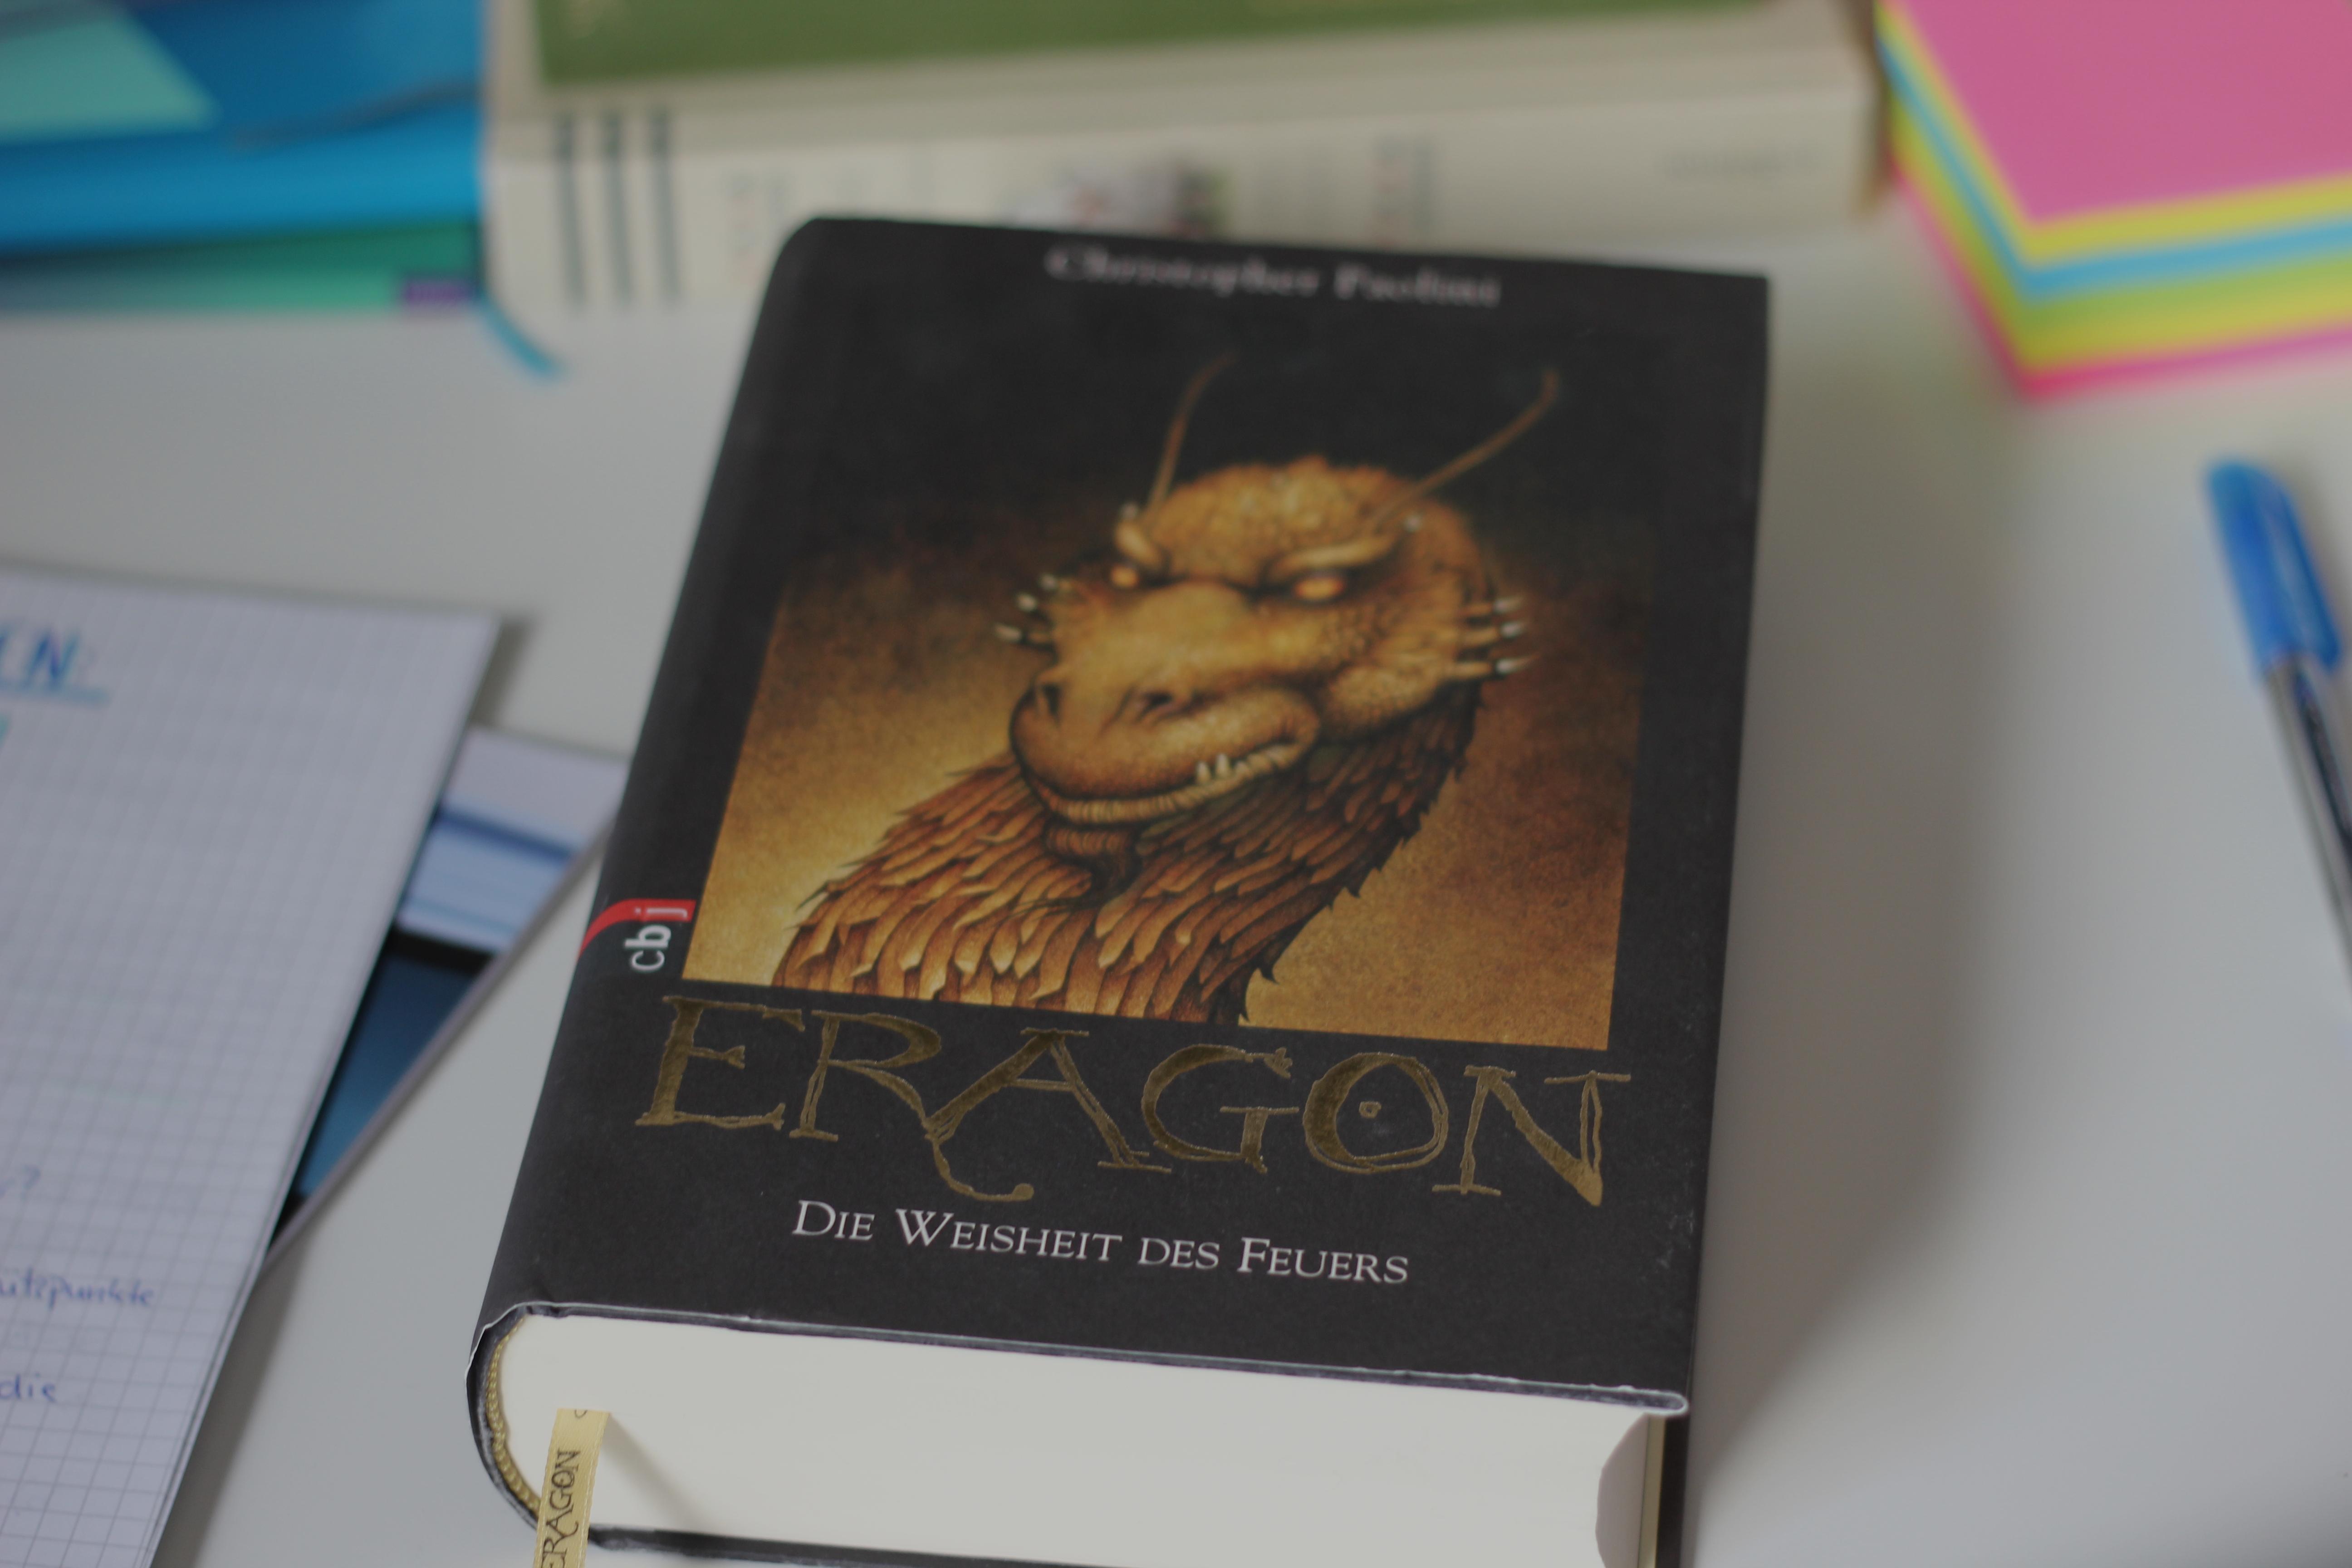 Eragon – Die Weisheit des Feuers